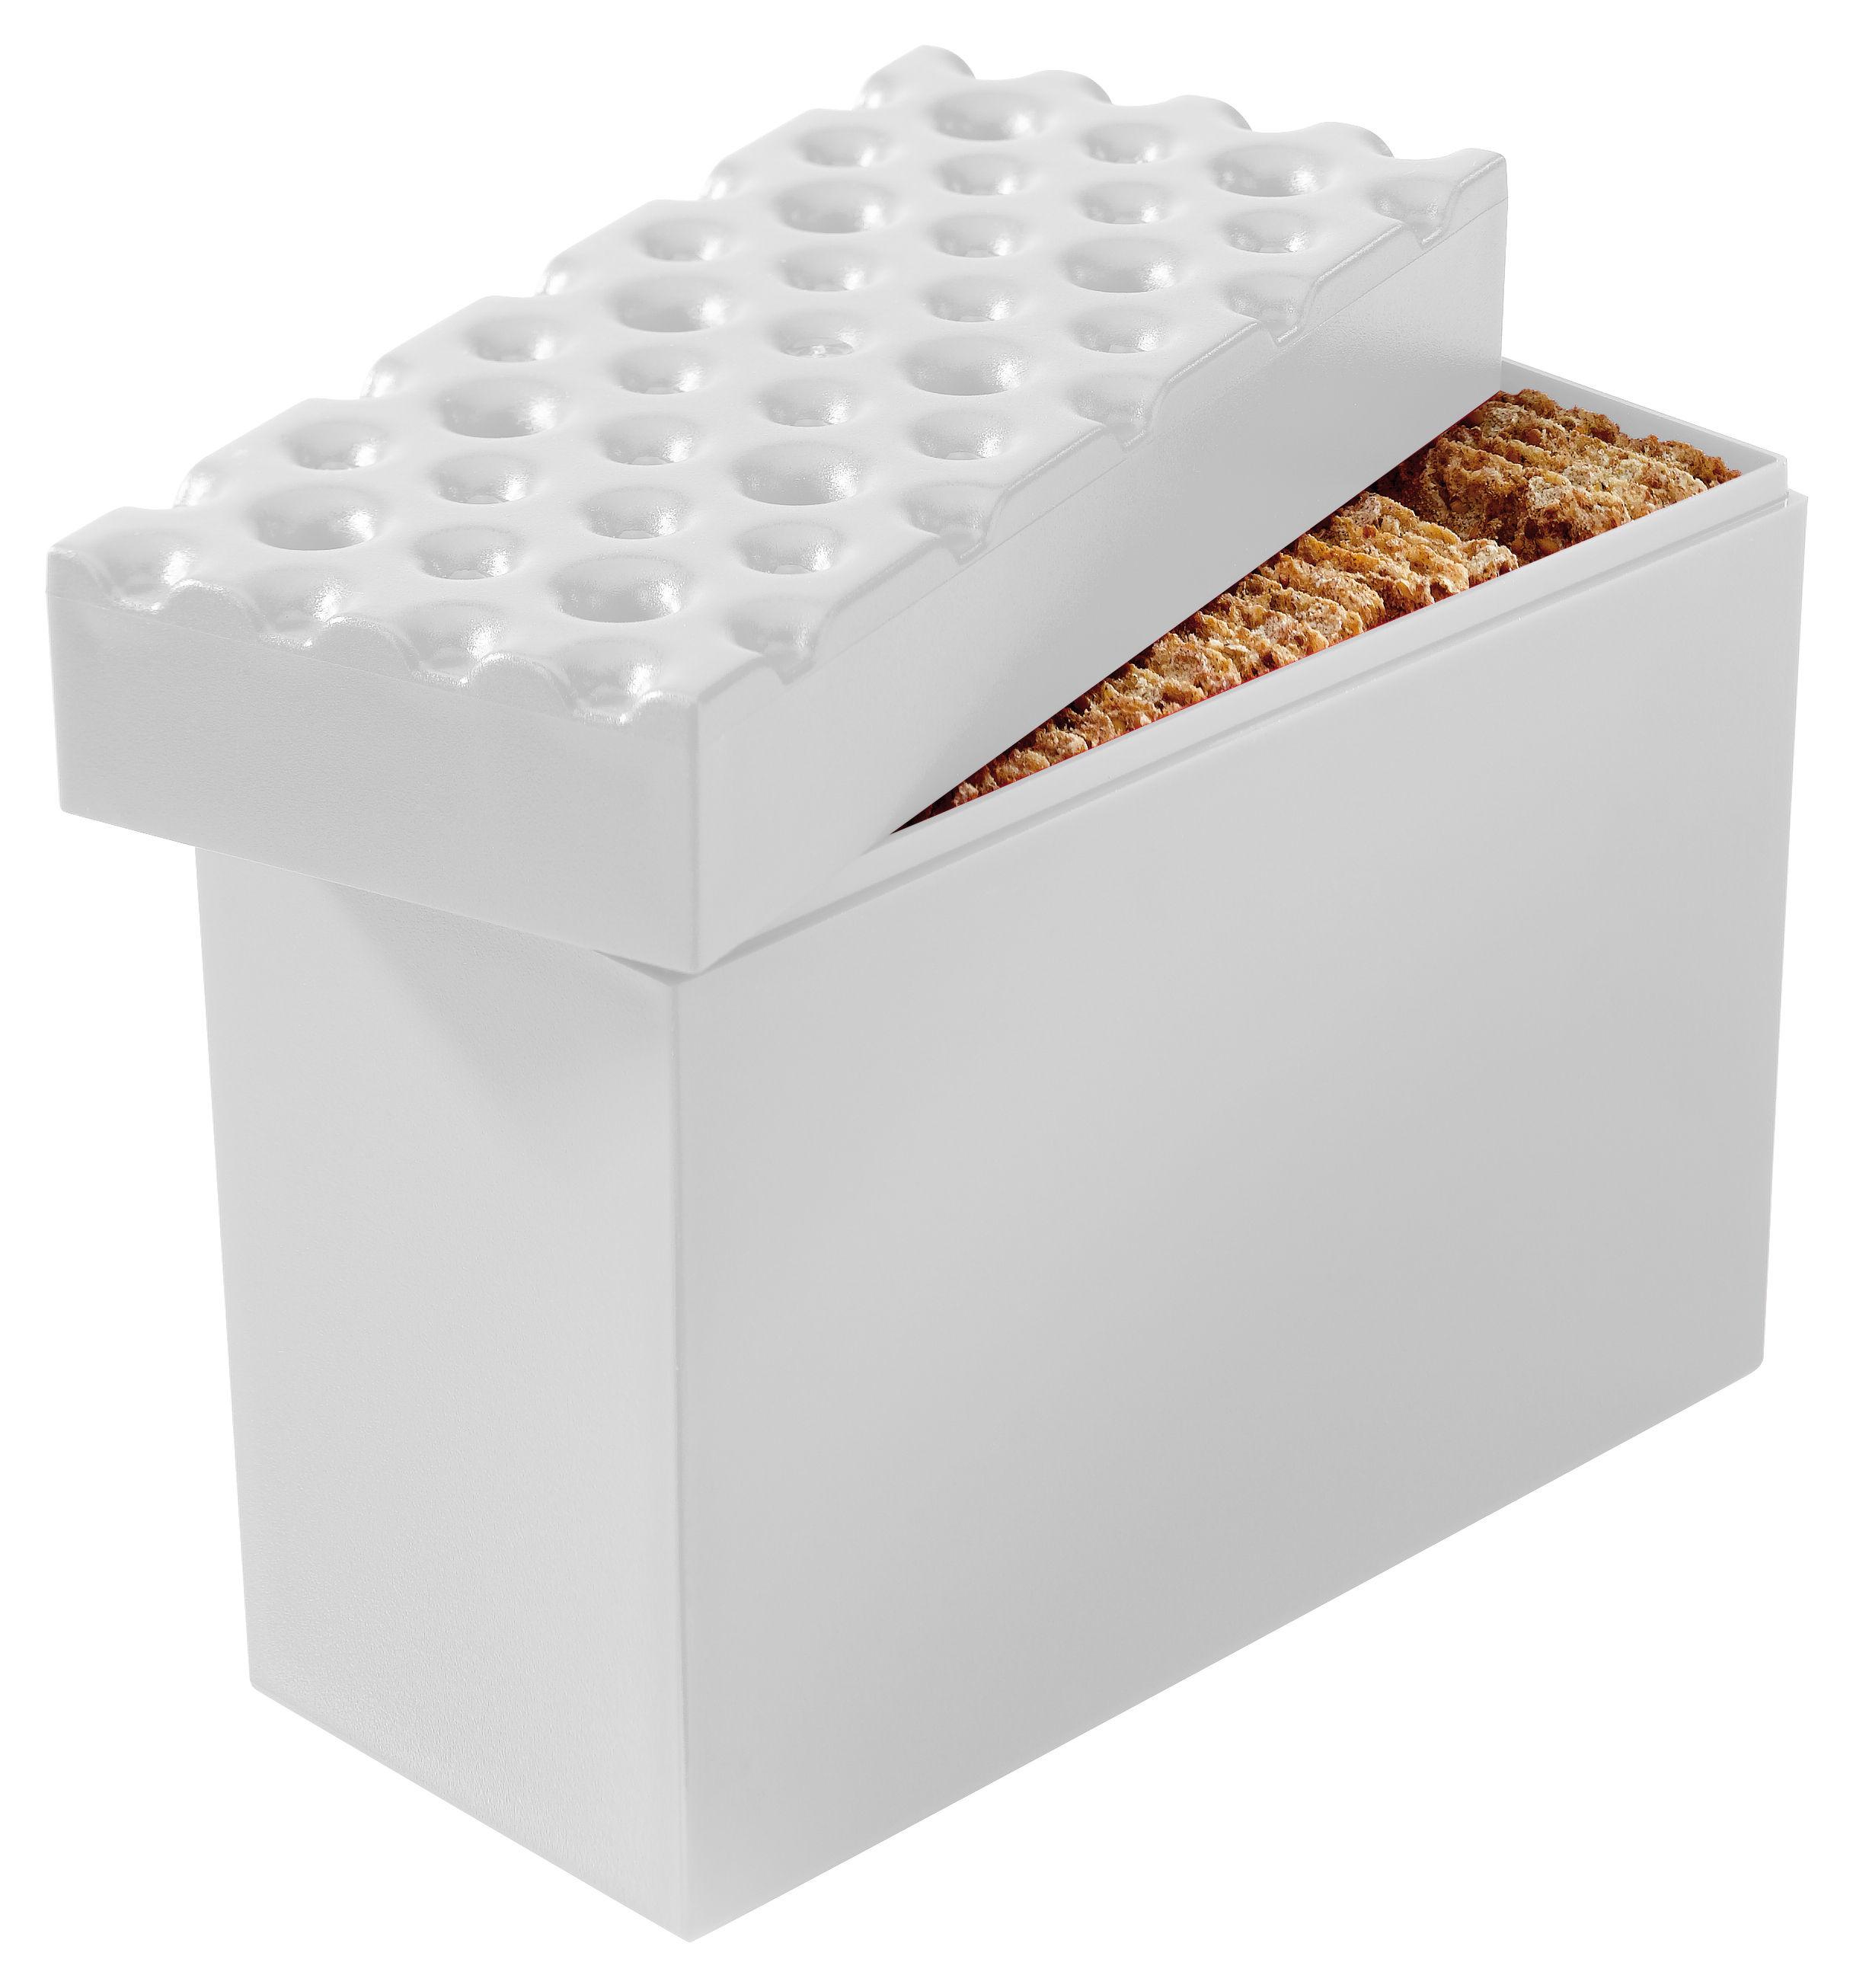 Tischkultur - Boxen und Töpfe - Brod Vorratsdose für Kekse - Koziol - Weiß - Plastik